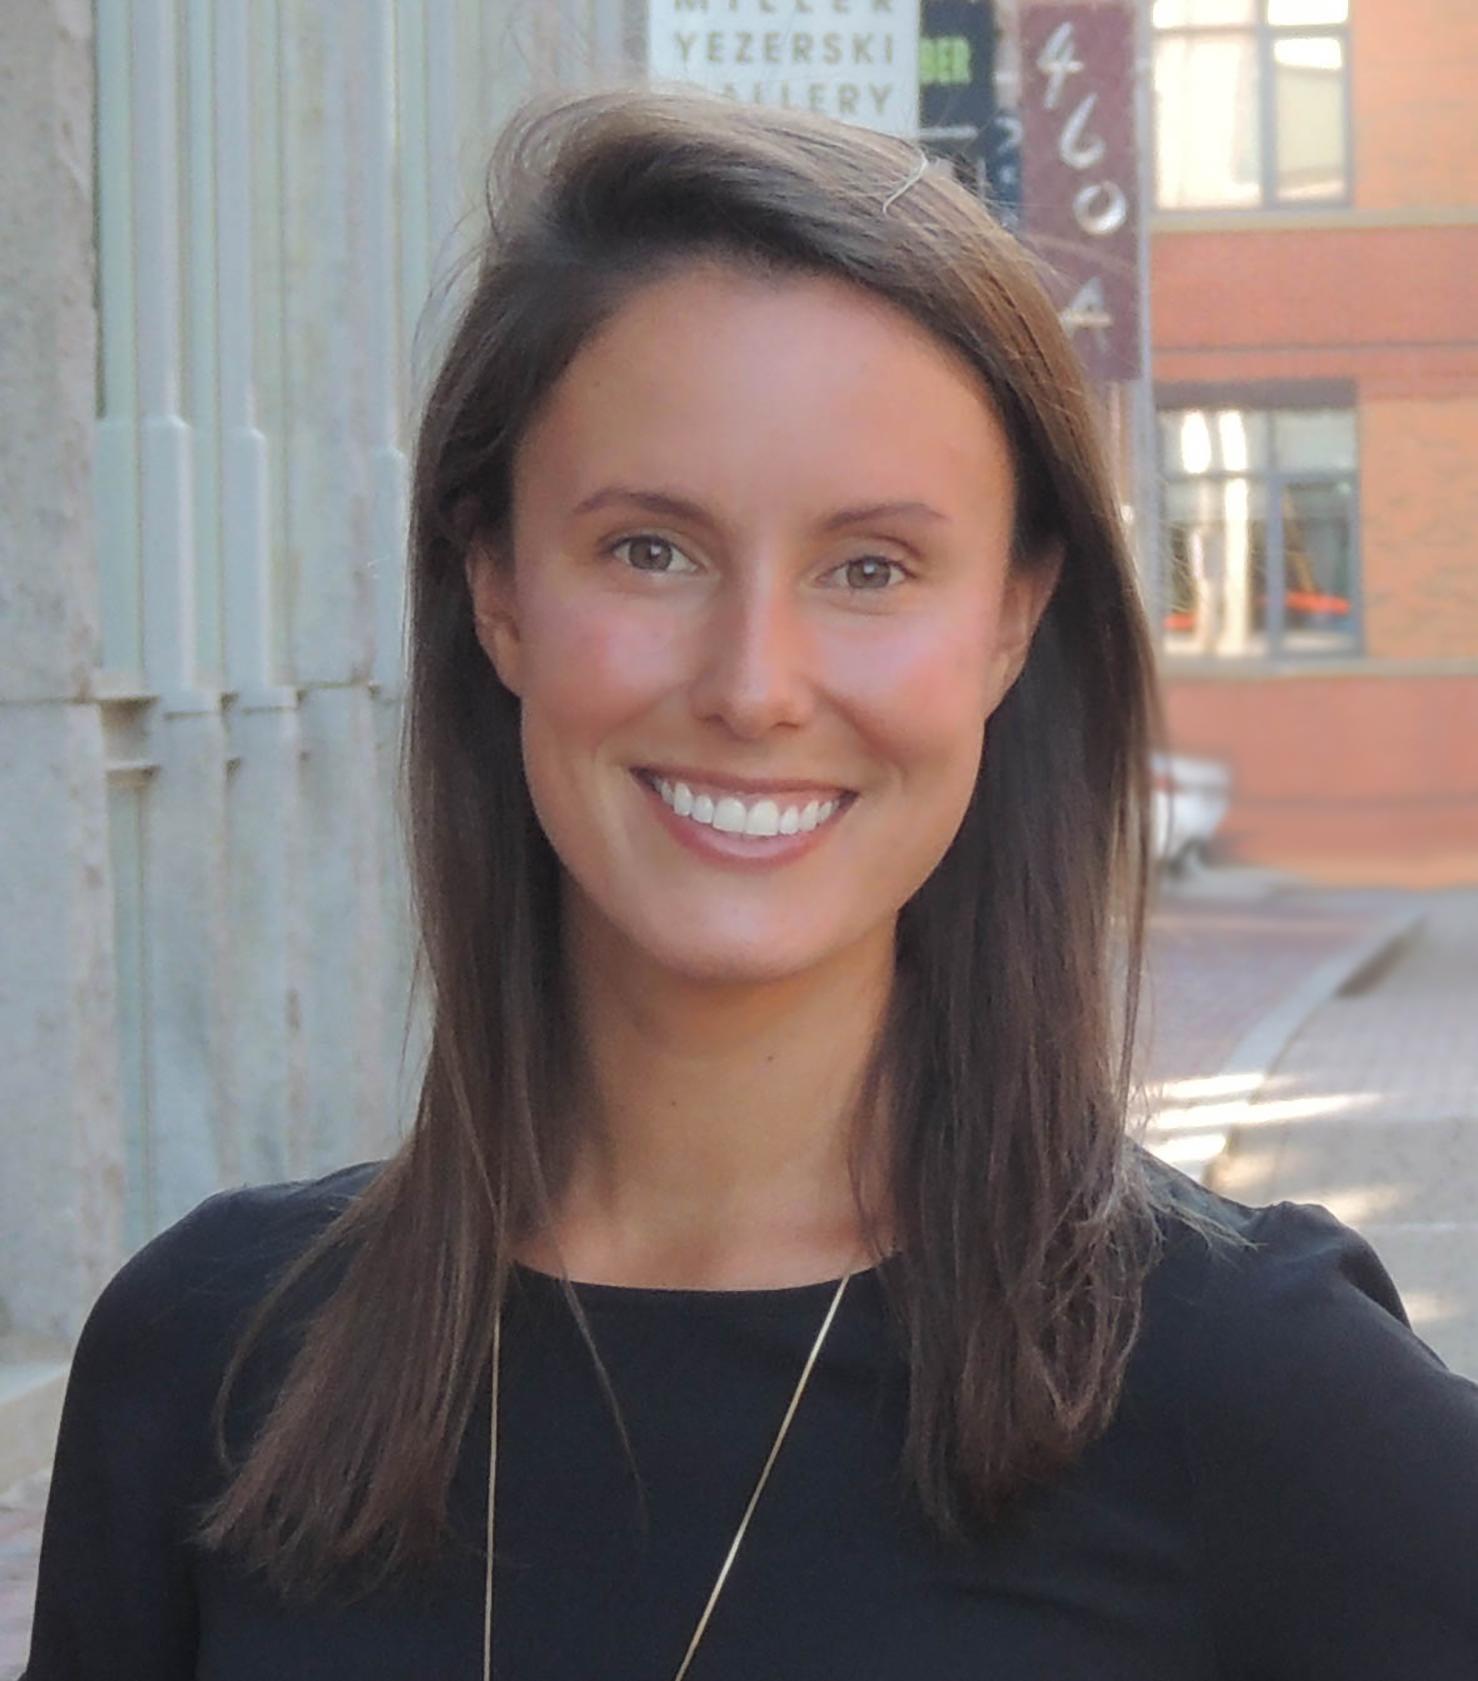 Abigail Ogilvy